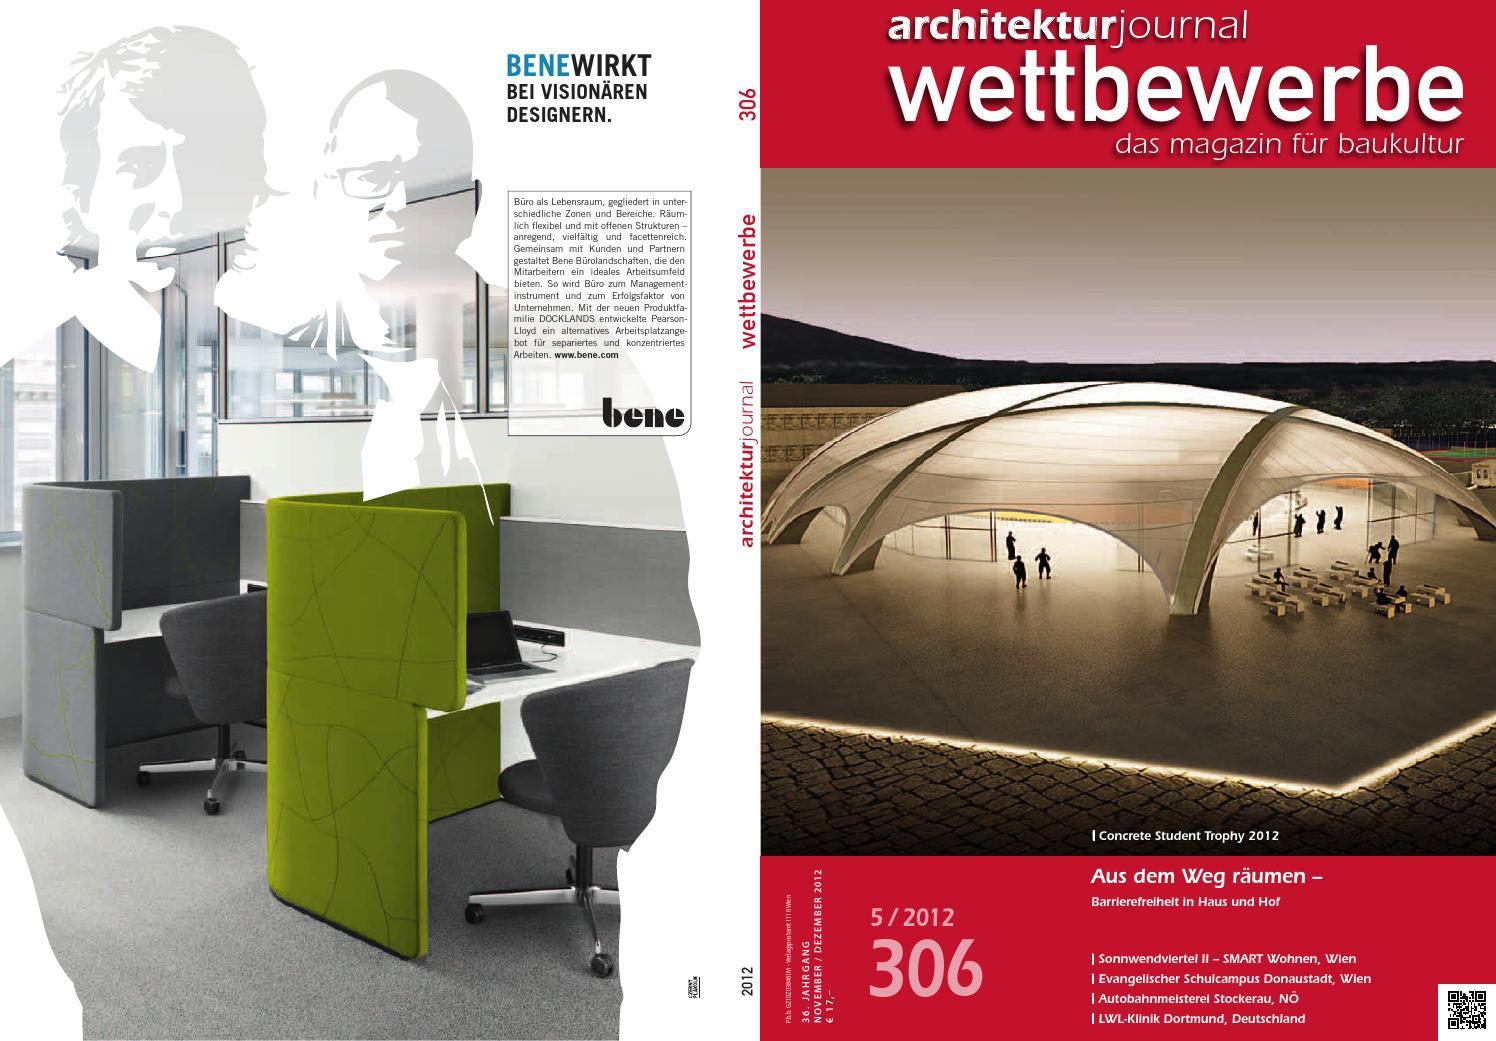 5 / 2012 (306) Nov/Dez 2012 by Architekturjournal wettbewerbe - issuu